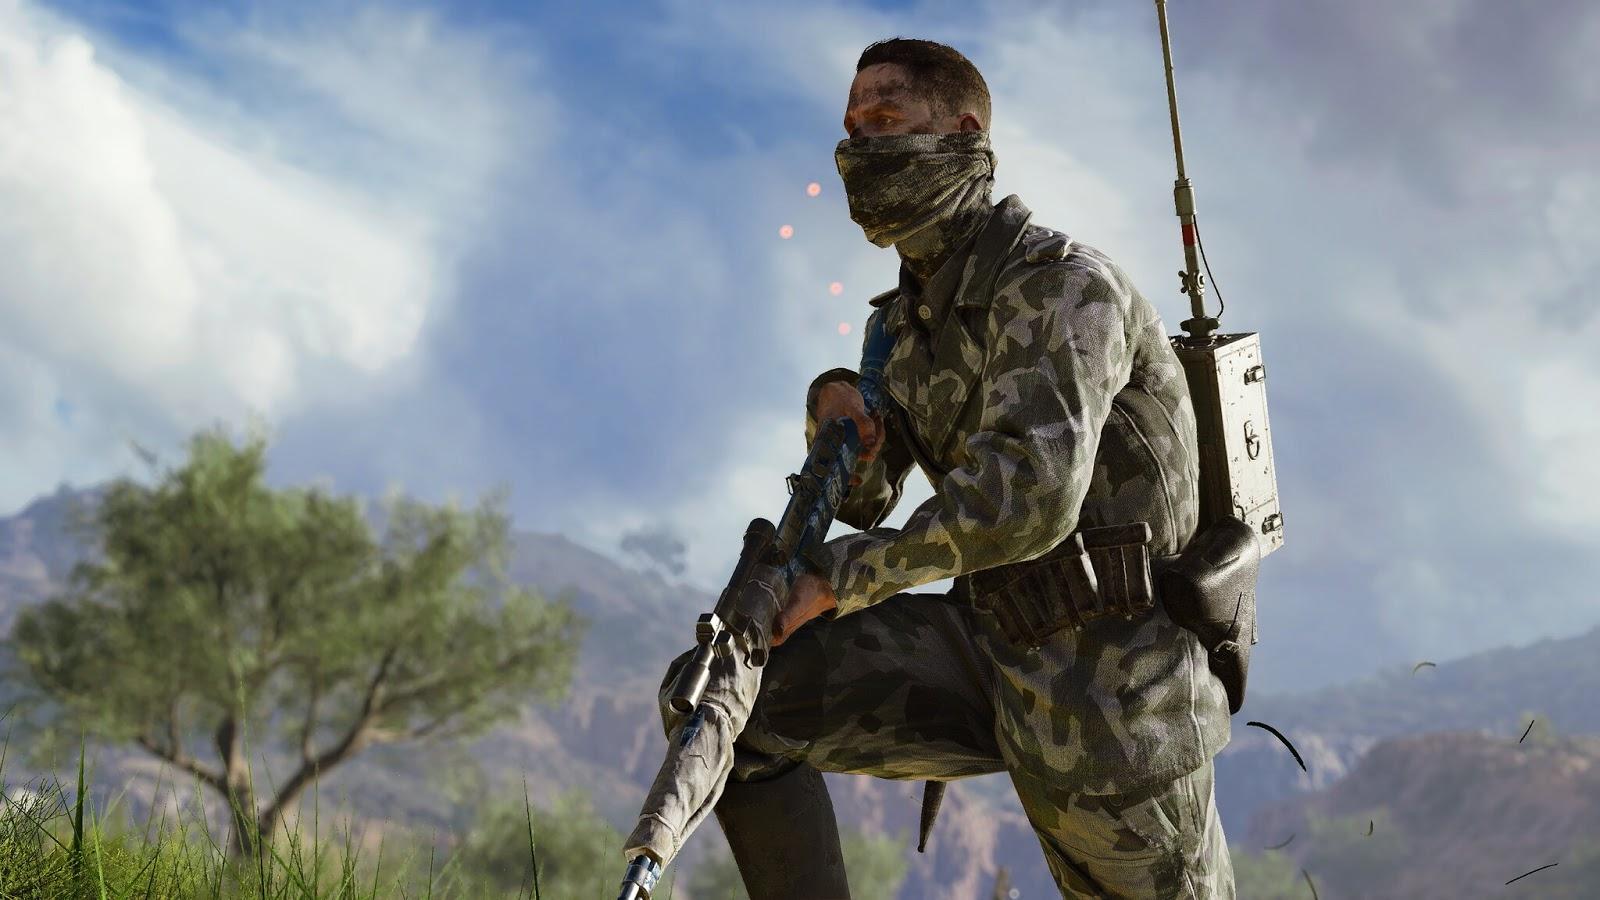 Battlefield deveria ir além com o modo competitivo - Img: Chris177uk